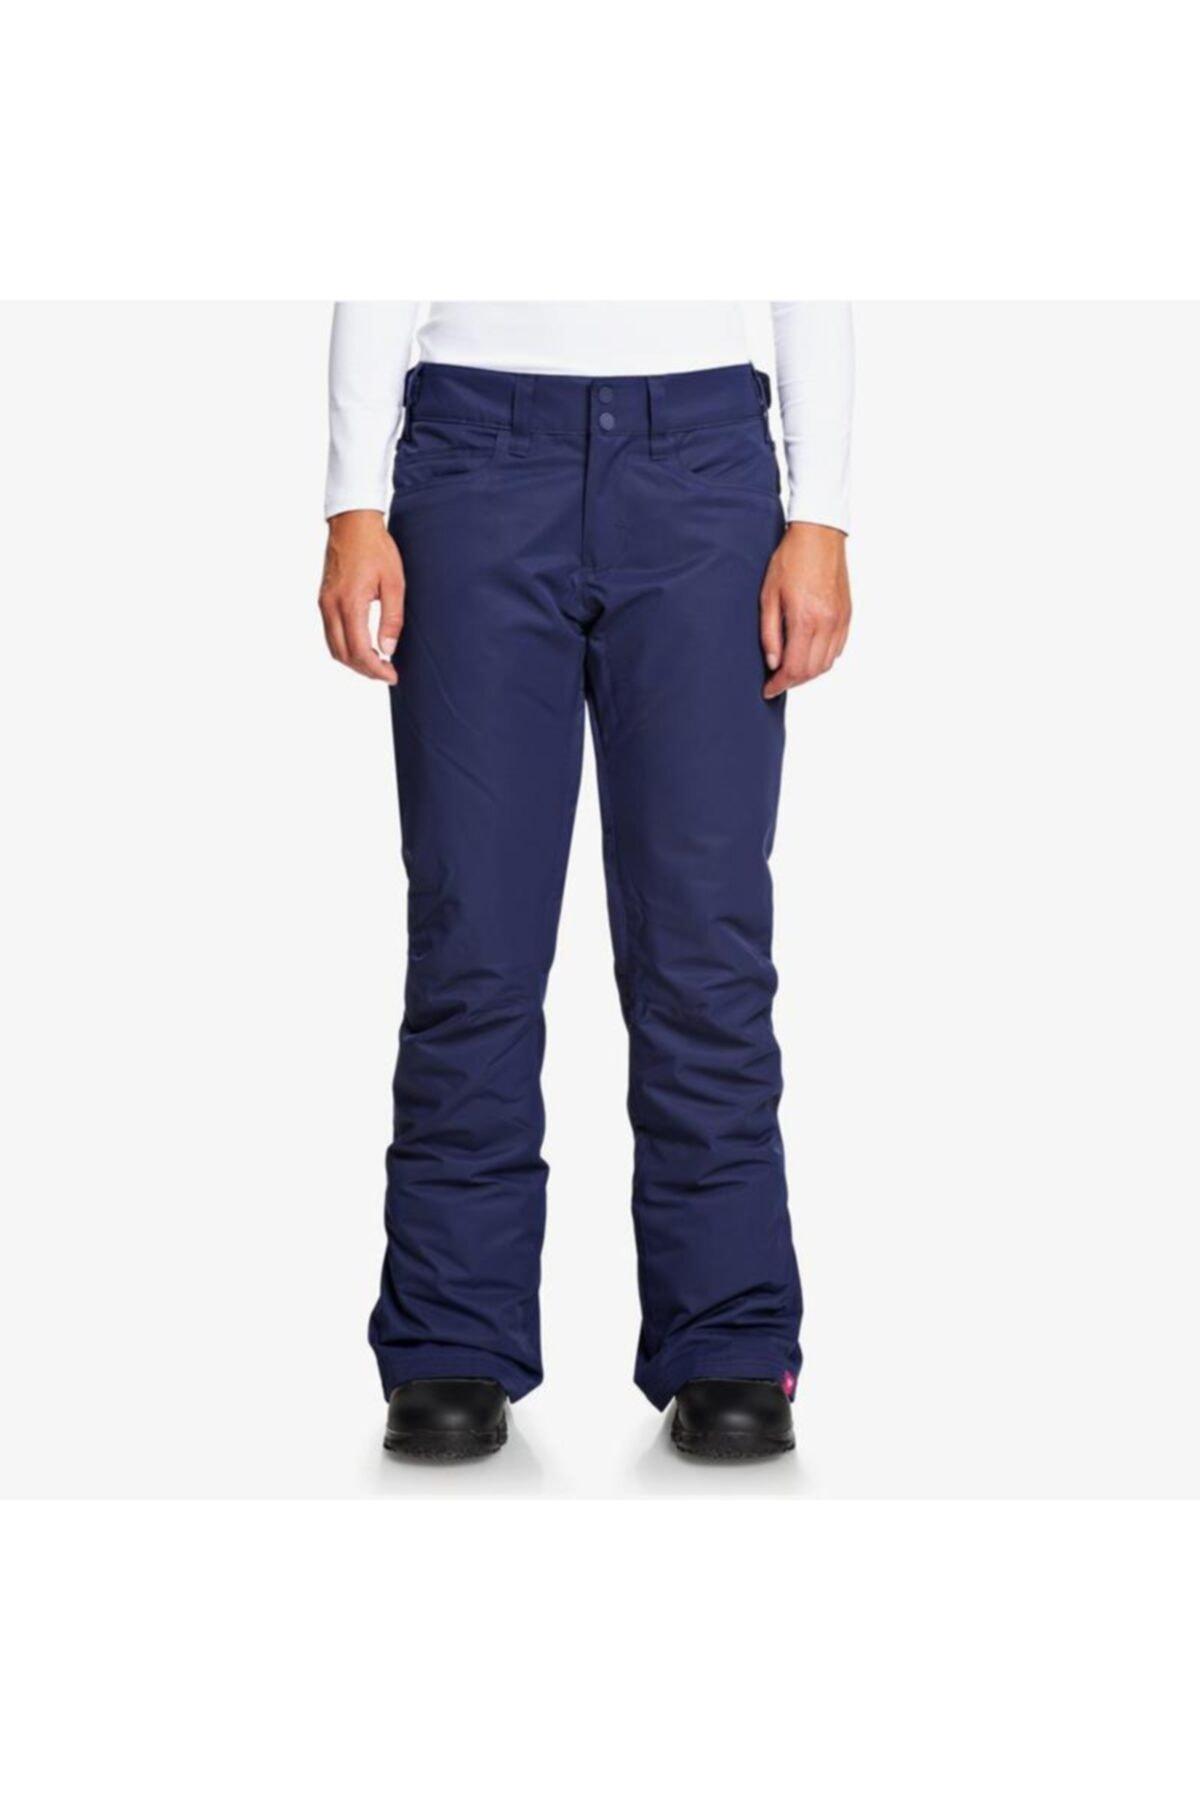 خرید نقدی شلوار ورزشی ارزان مردانه برند Roxy رنگ آبی کد ty59133293